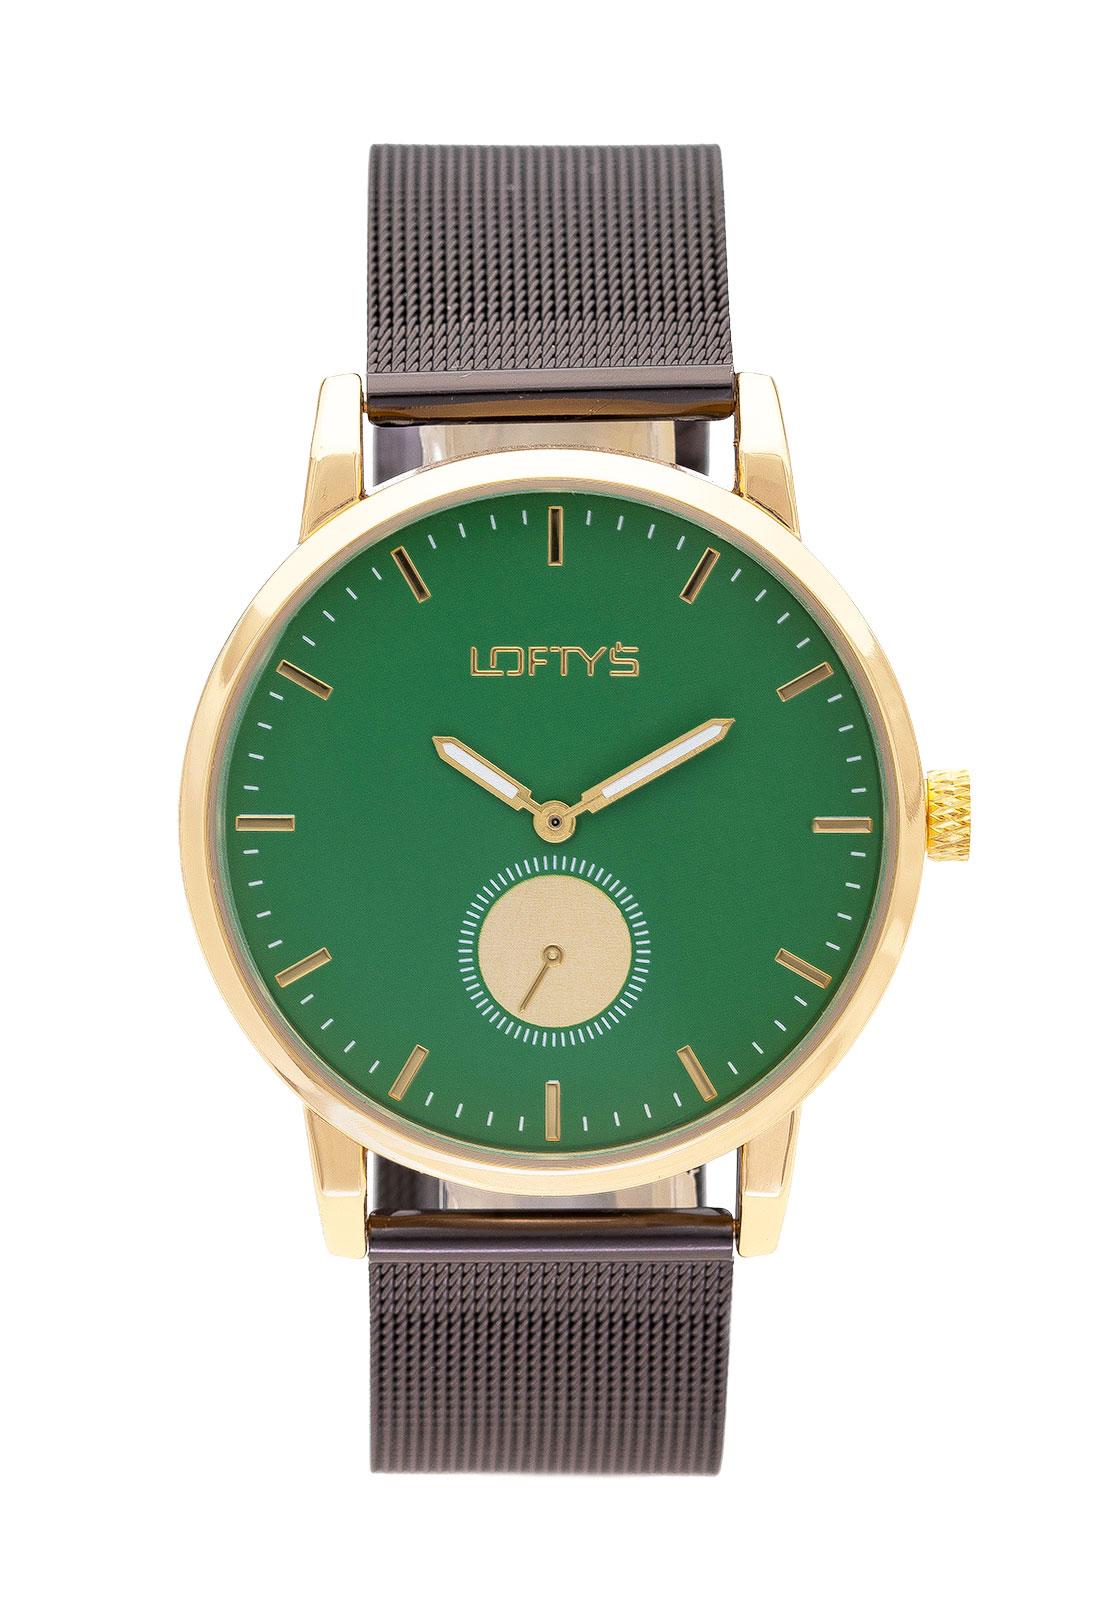 Ρολόι Loftys Scorpio με μαύρο μπρασελέ και πράσινο καντράν Y3411-2